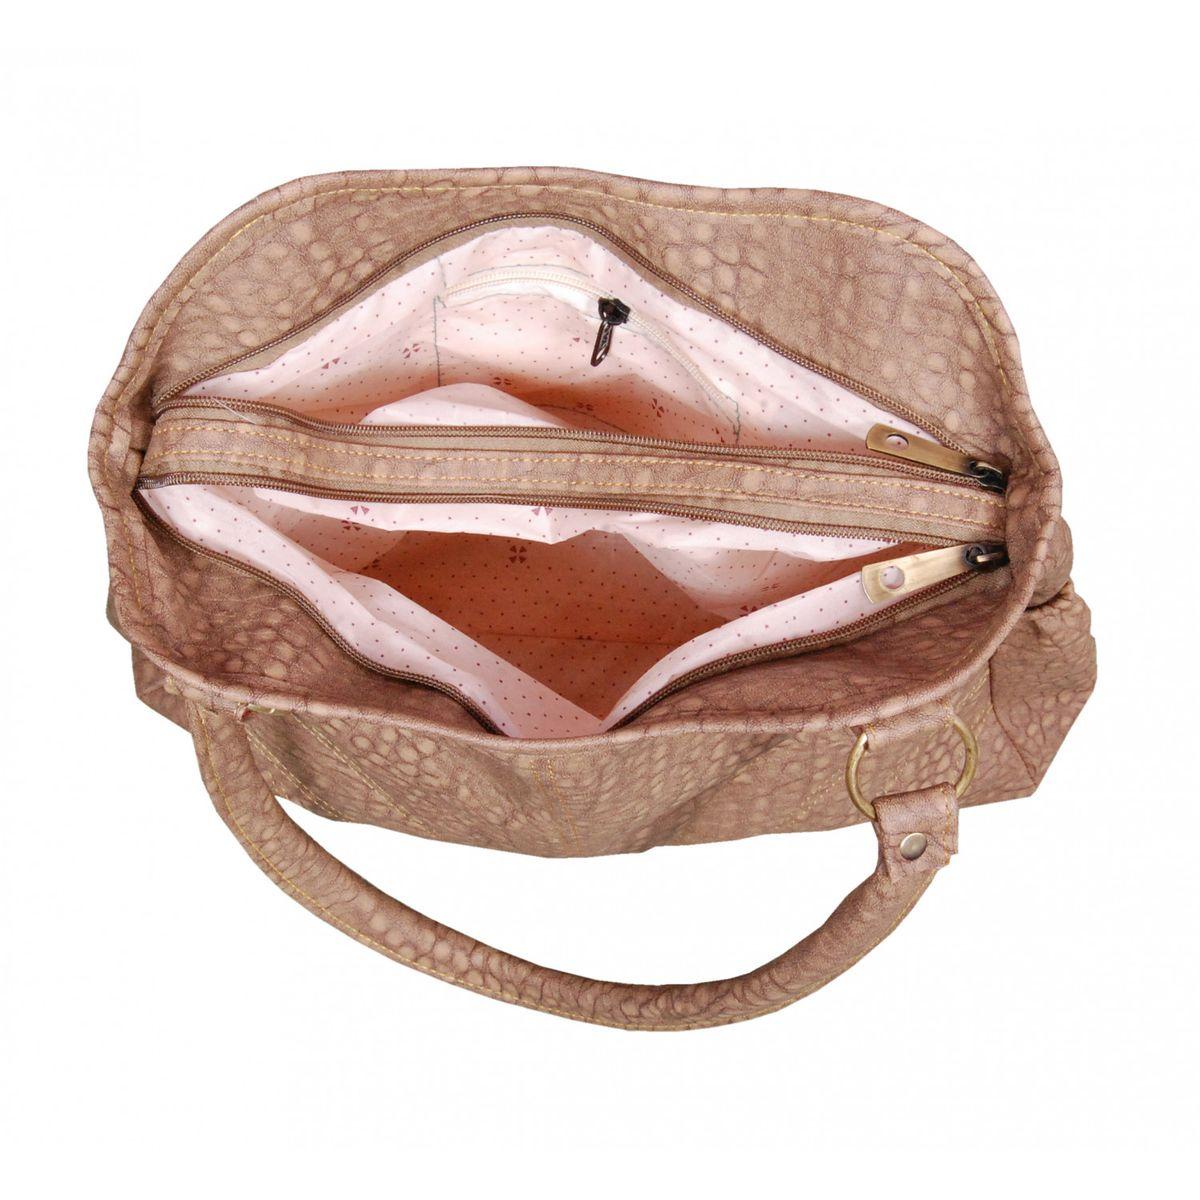 Azzra Brown Handbag for Women and Girl